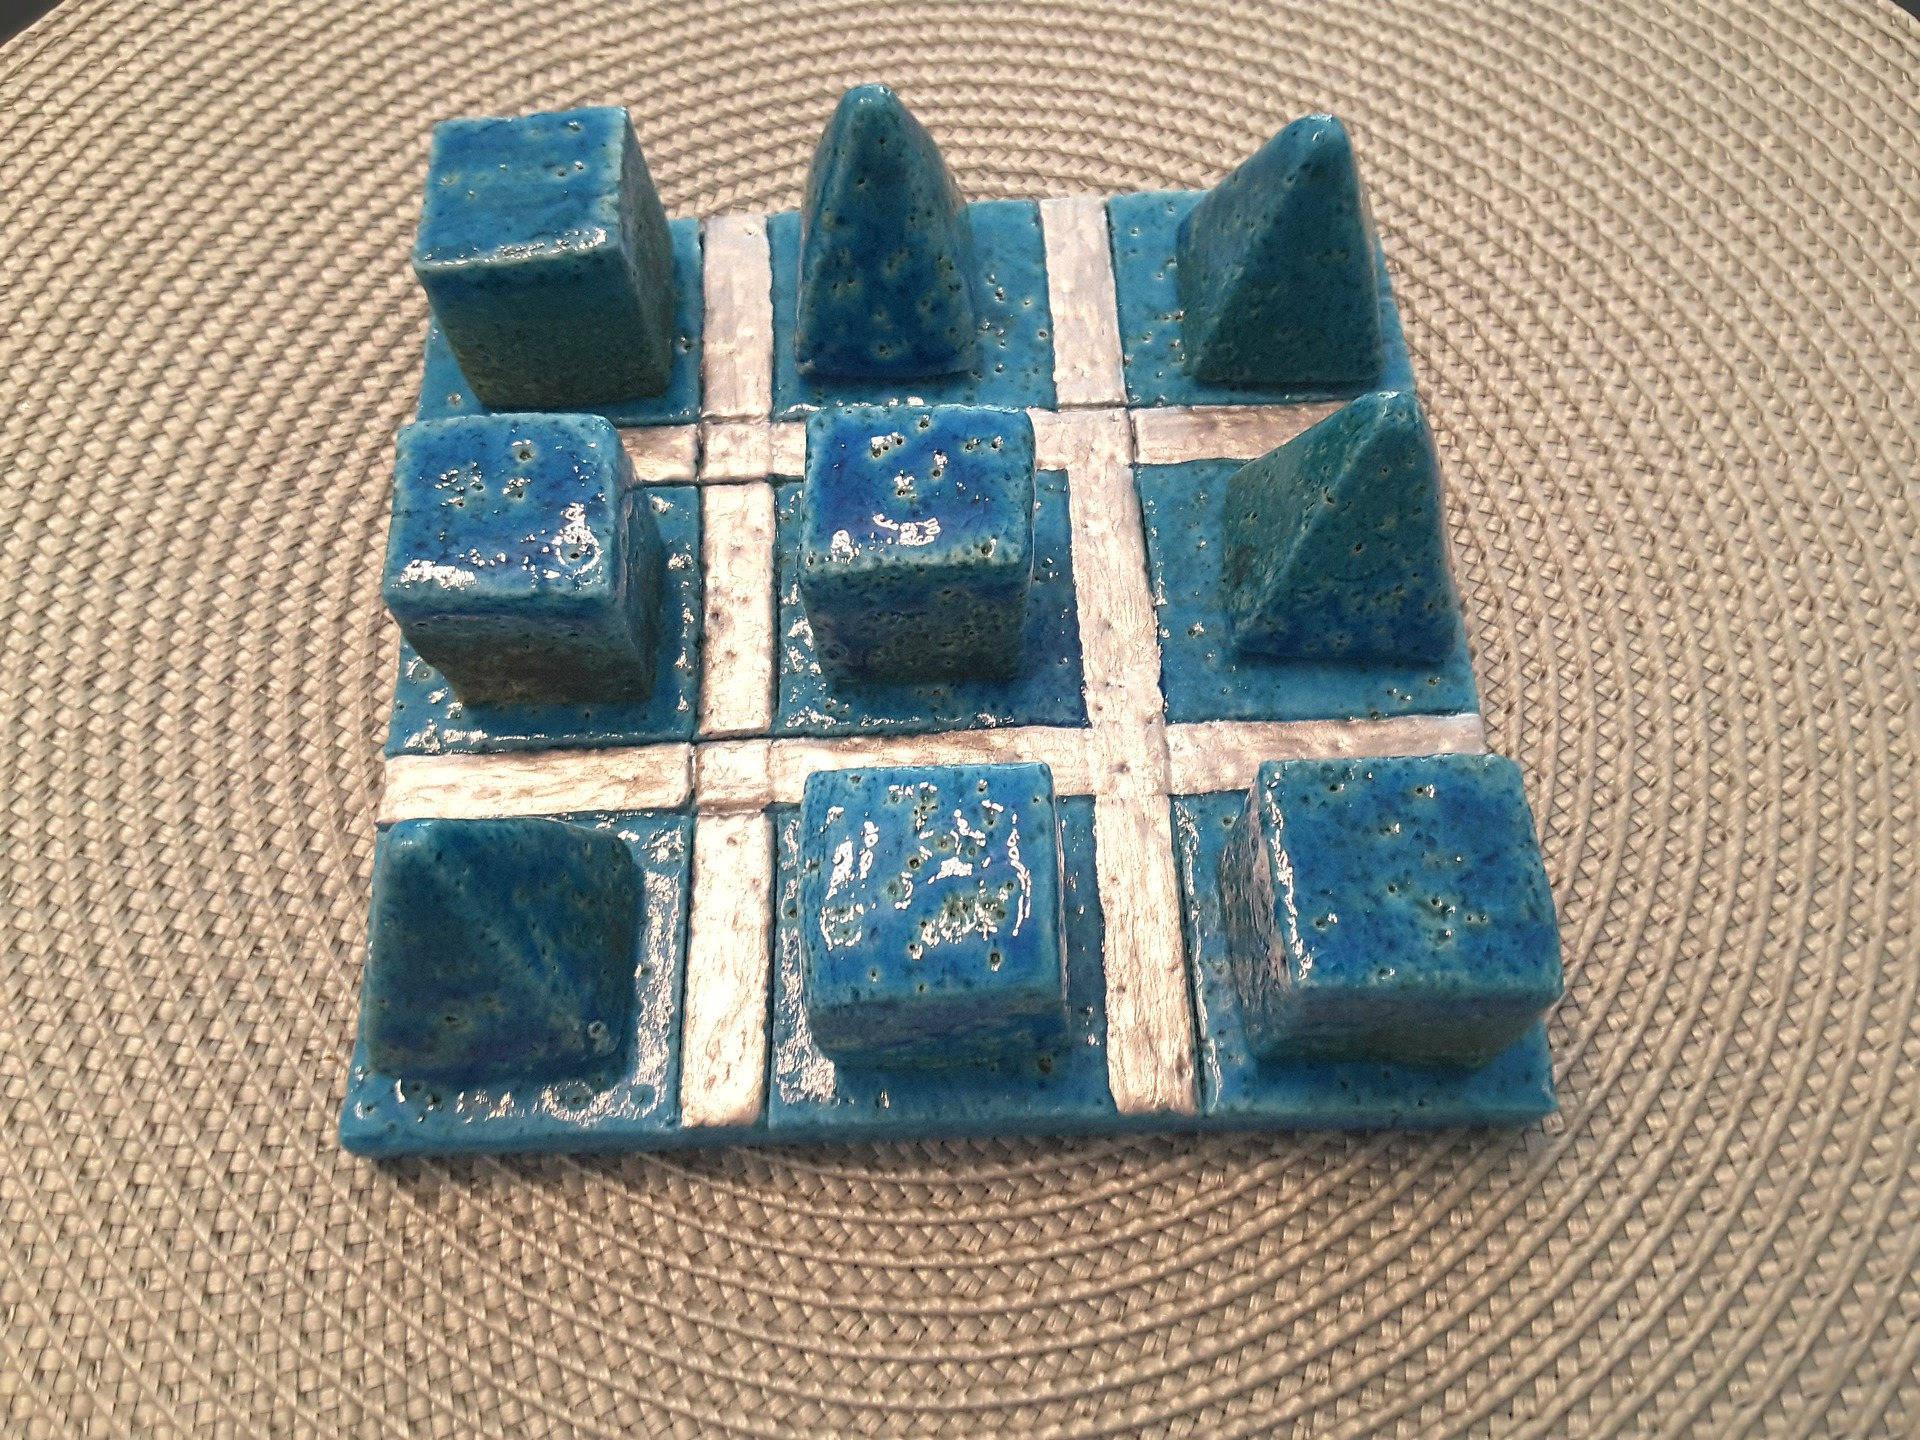 JEU DE MORPIONS EN CÉRAMIQUE turquoise pierres cubiques et pyramides